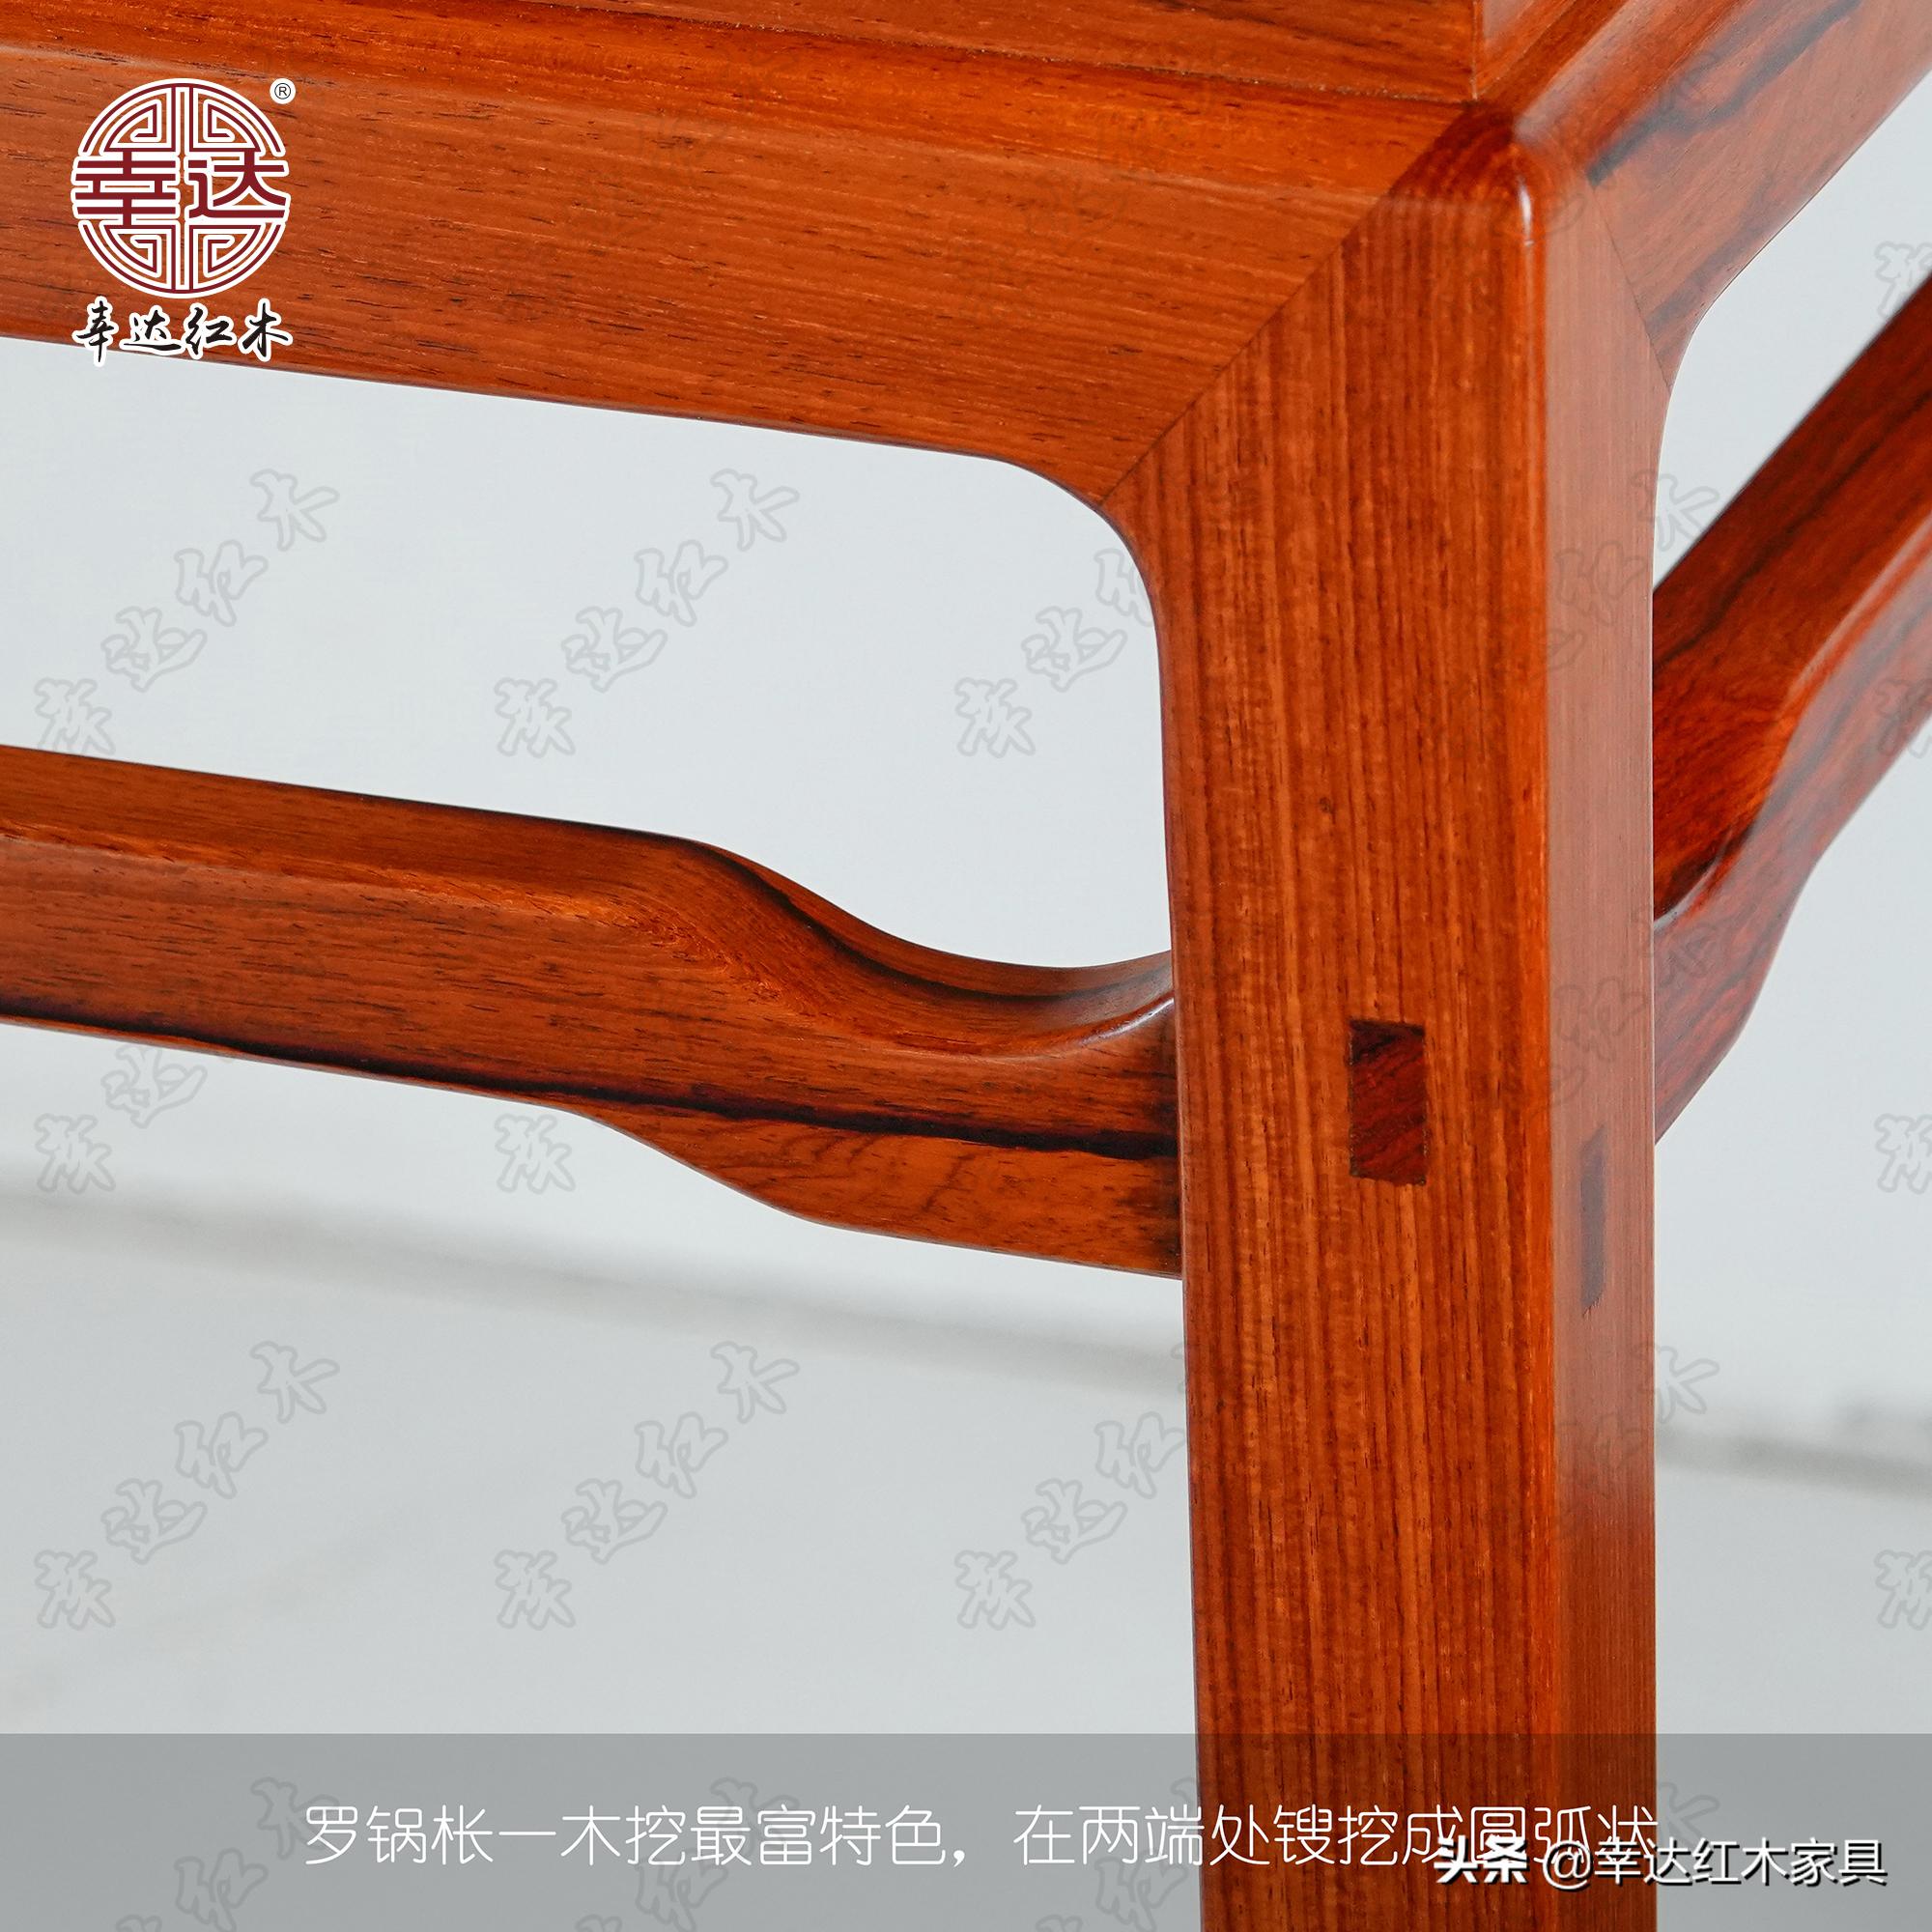 明清古典家具元素:罗锅枨(桥梁枨、弓字枨)